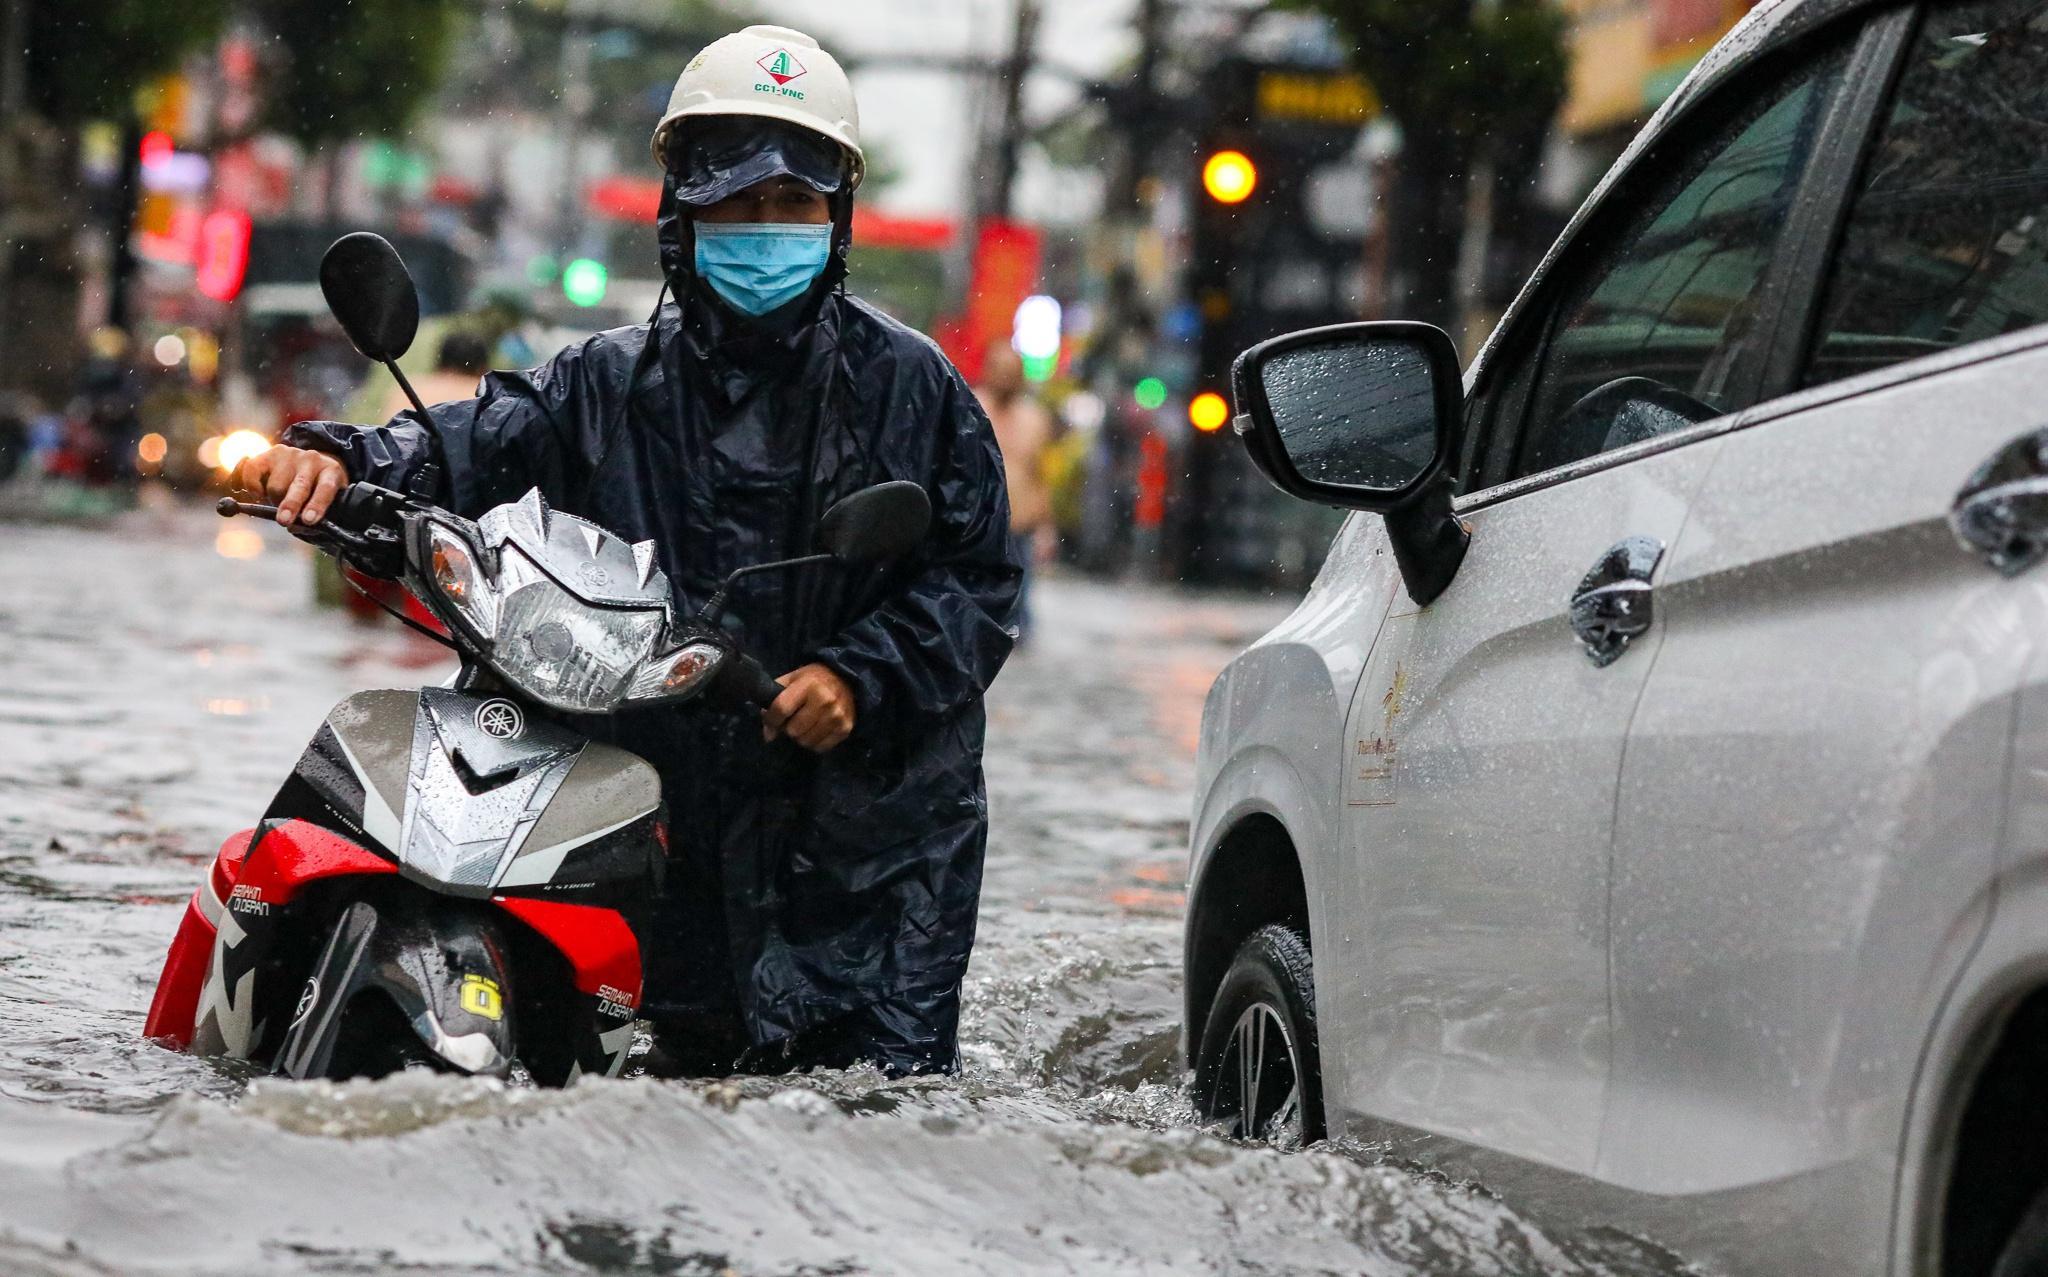 Đợt mưa dông lớn sắp diễn ra ở Bắc Bộ